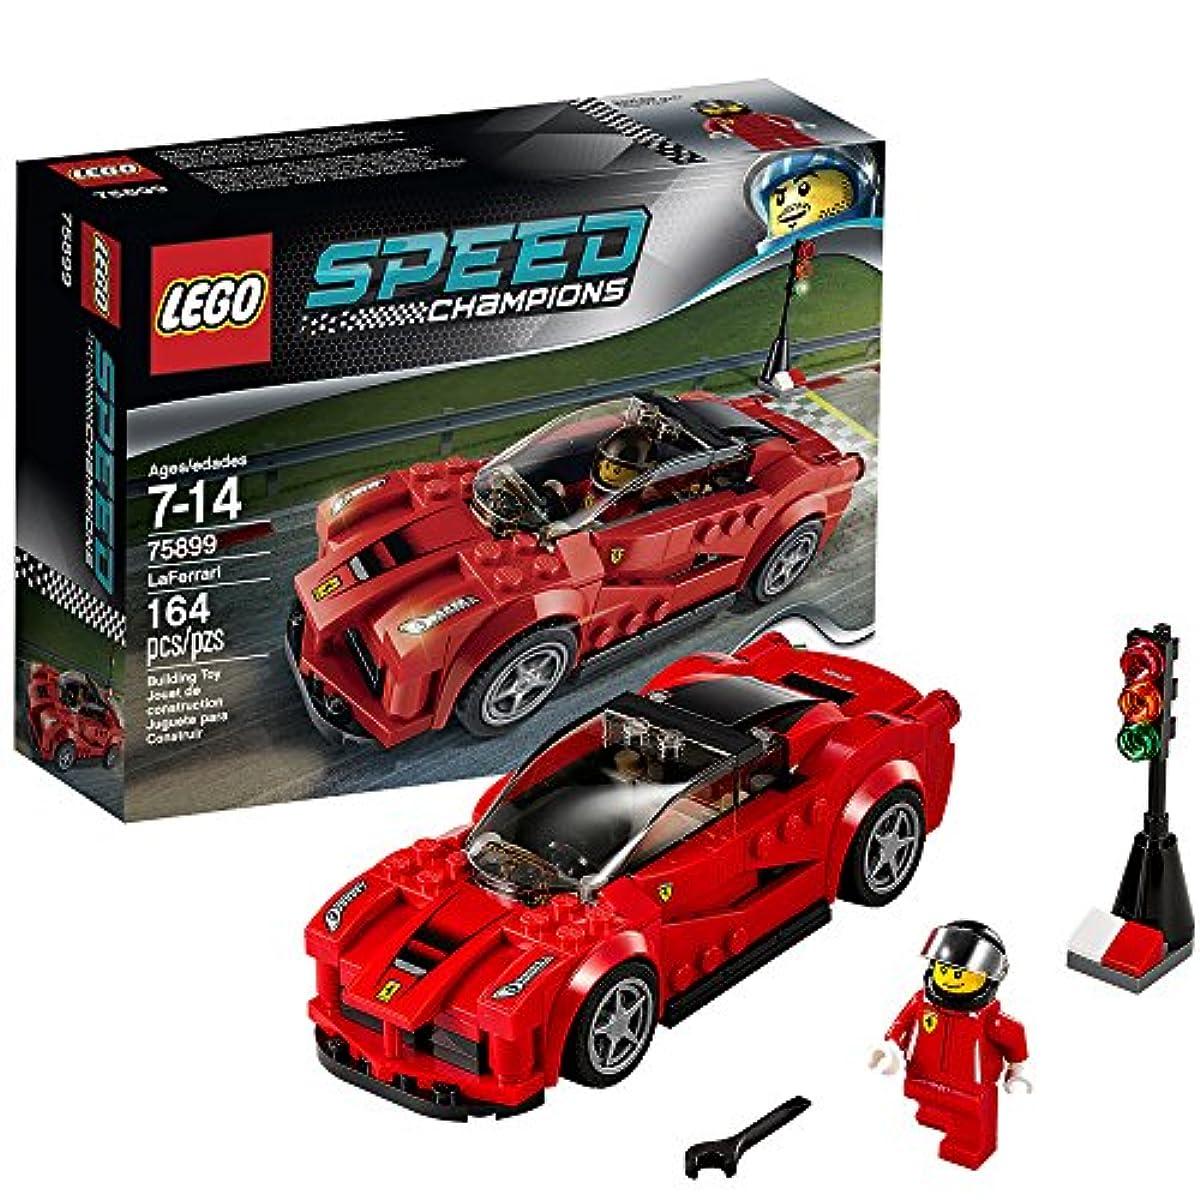 [해외] 레고 (LEGO) 스피드 챔피언 라 페라리 75899-75899 (2015-03-06)